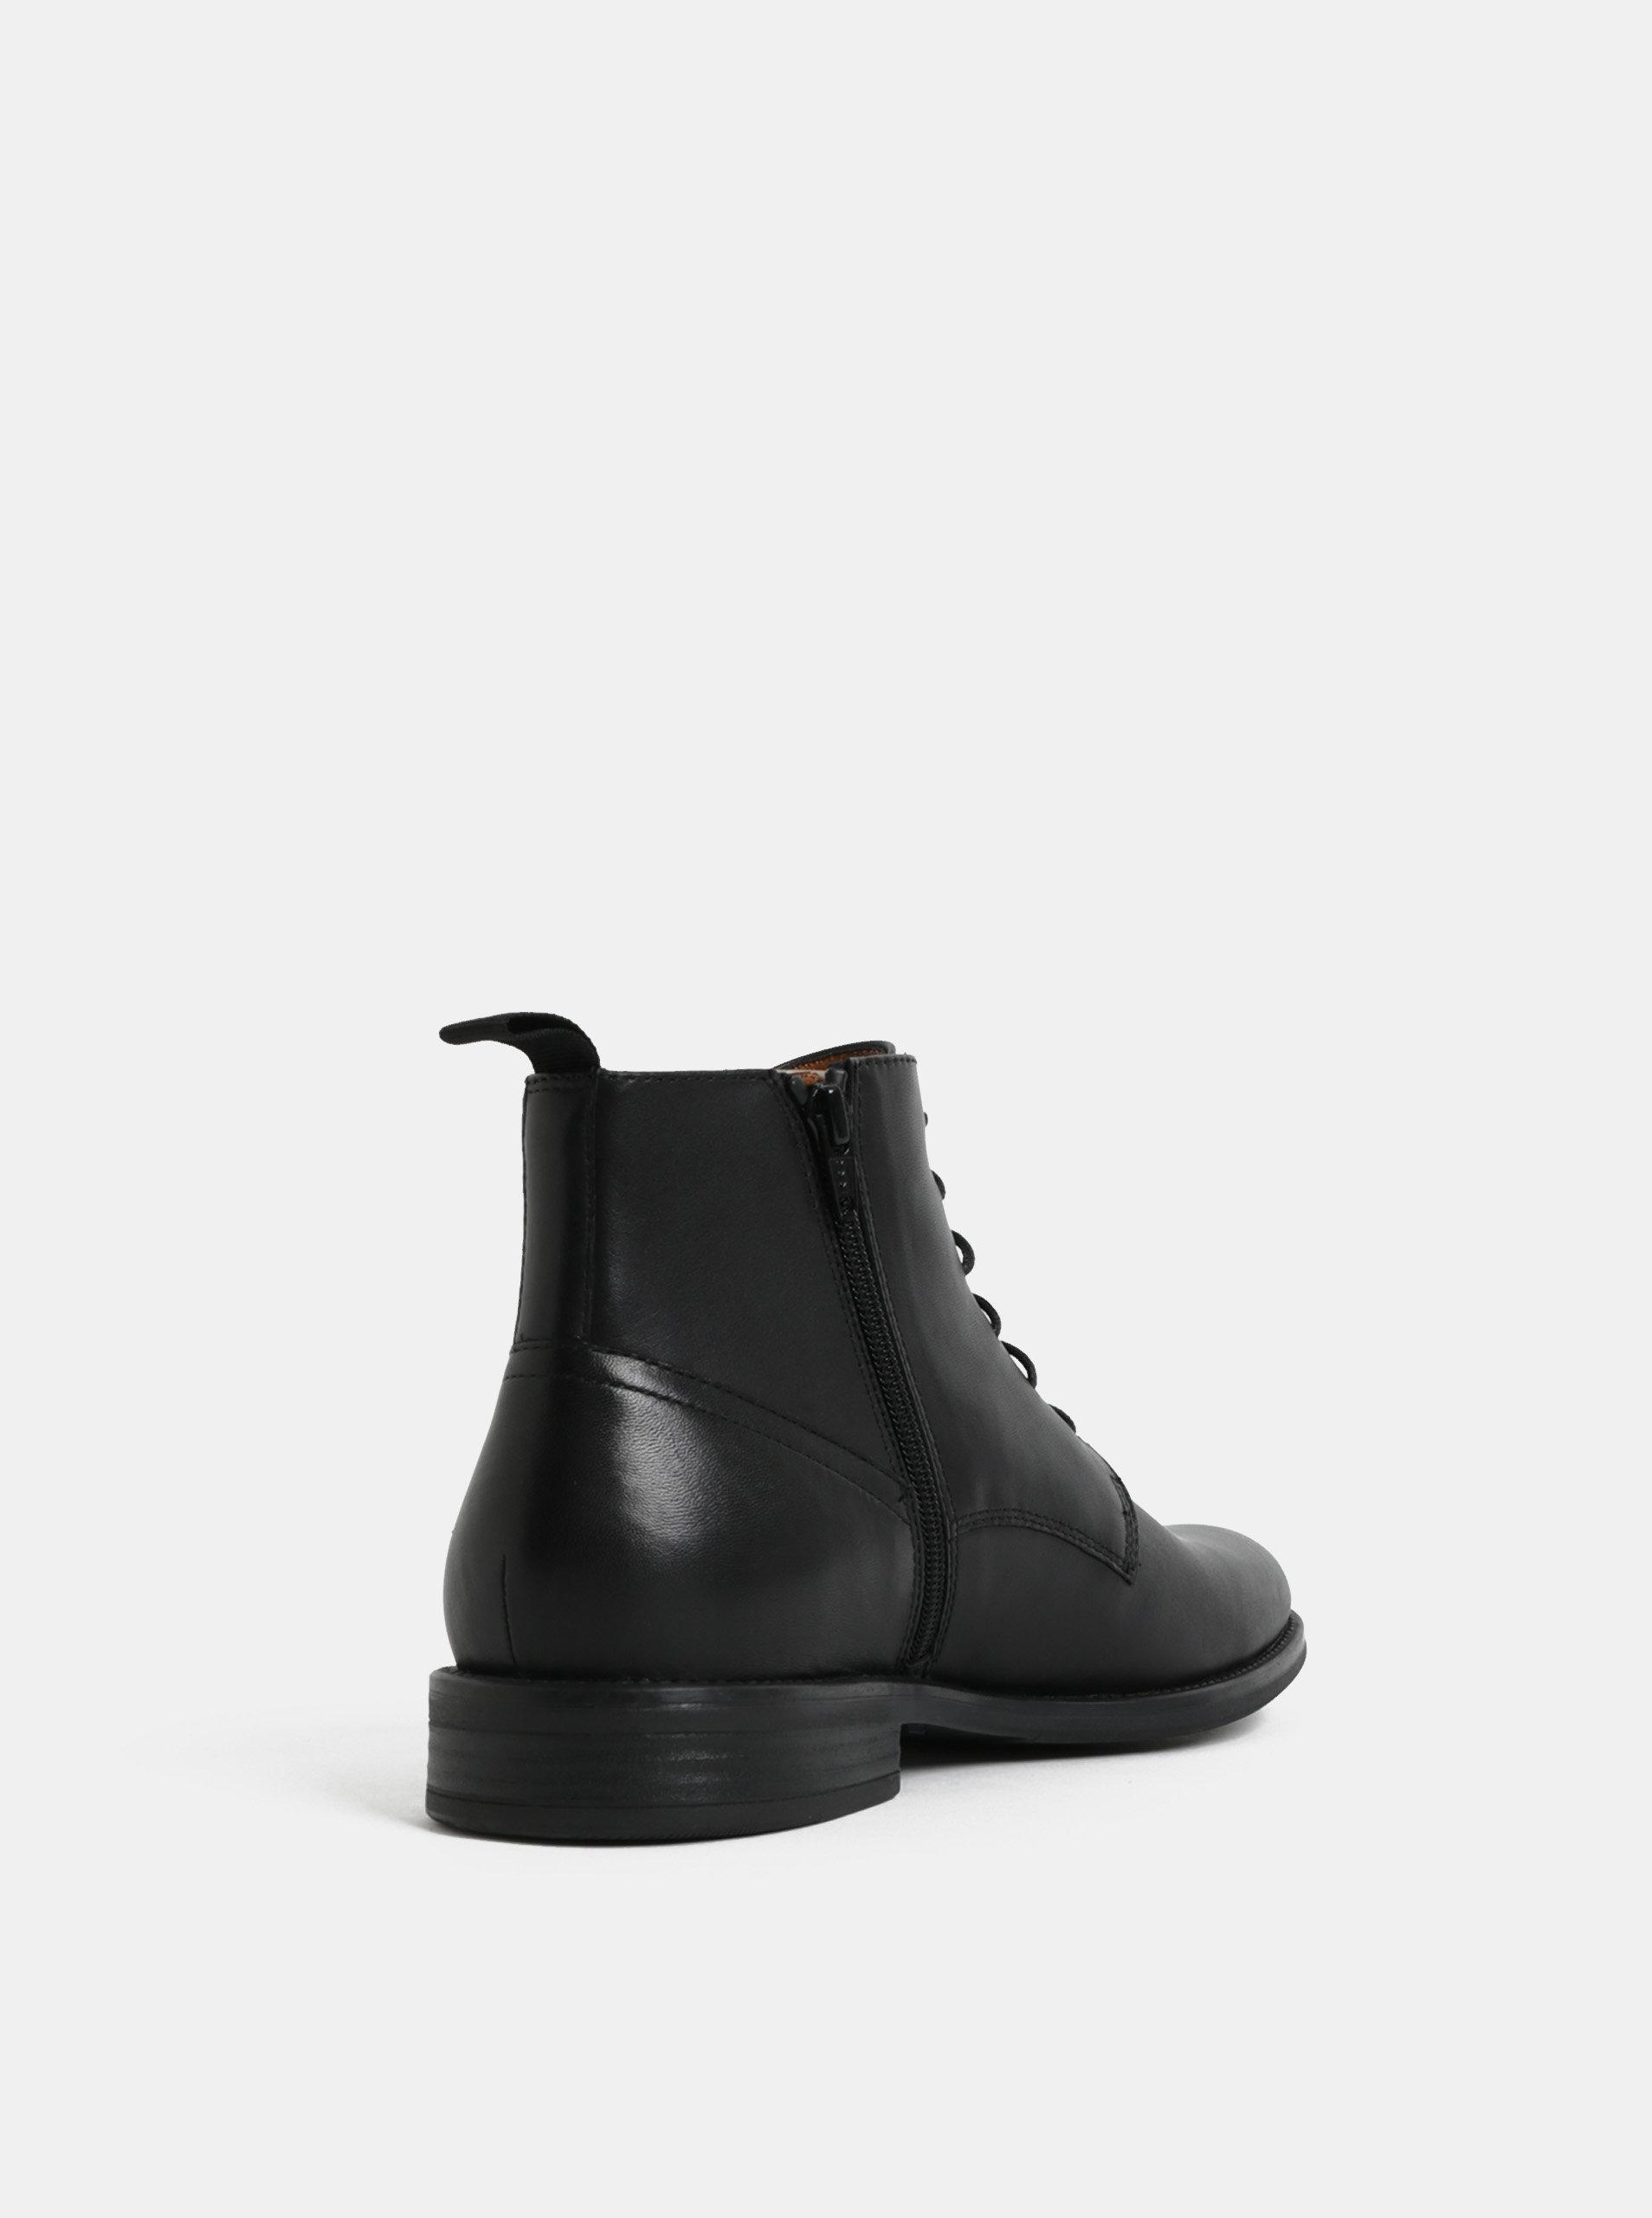 09a7de3bce Čierne pánske kožené členkové topánky Vagabond Salvatore ...